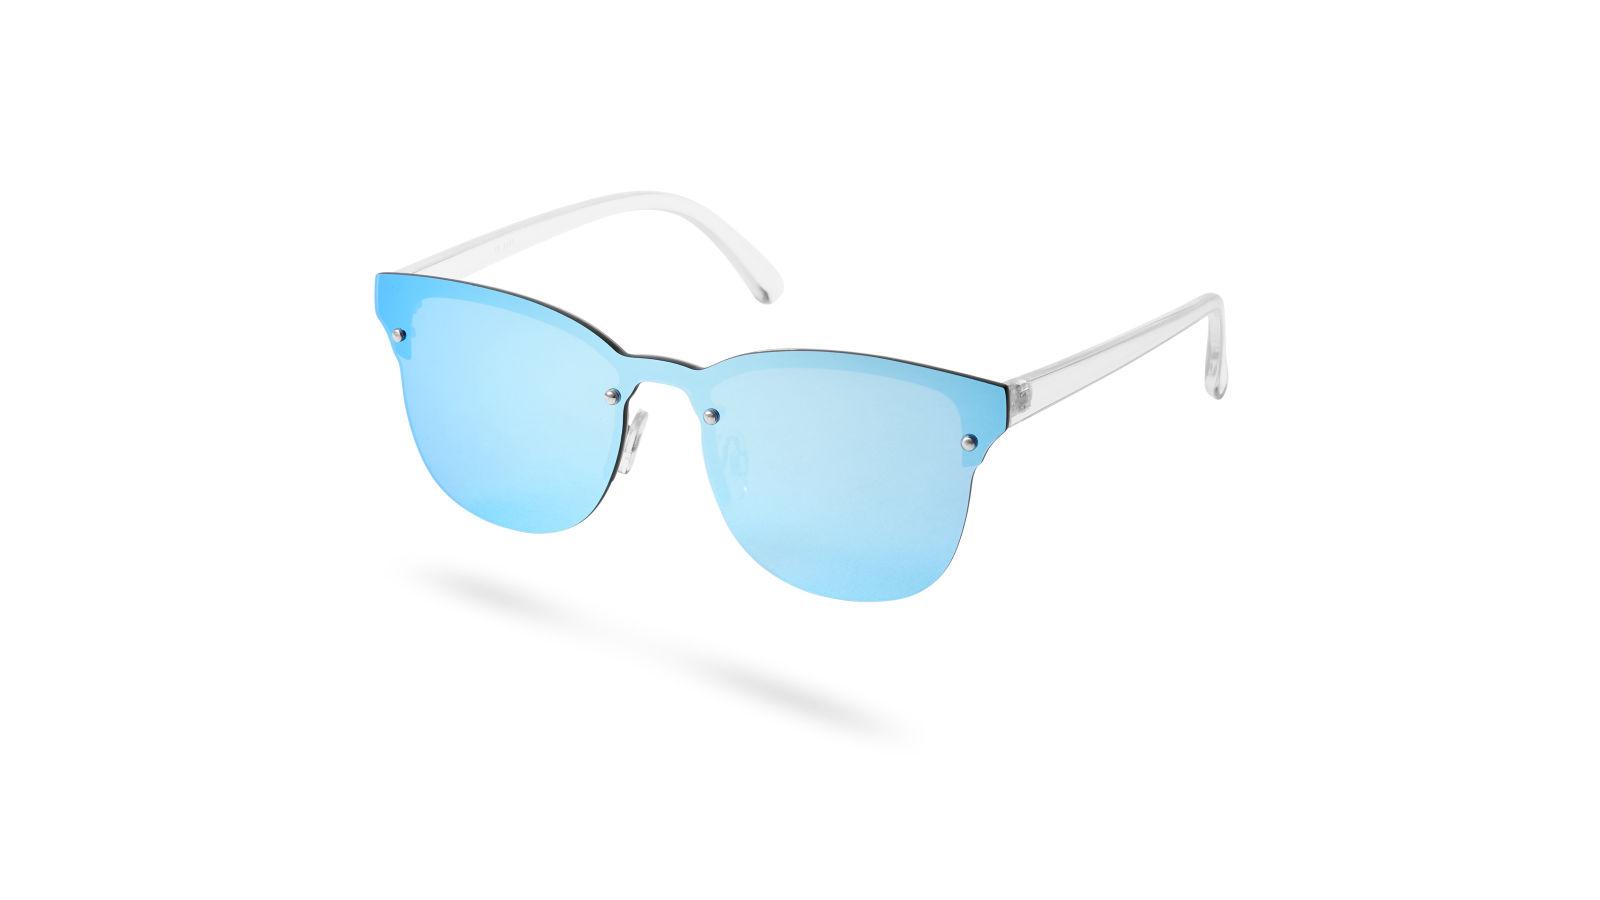 Occhiali da sole con lenti a specchio blu ghiaccio disponibile paul riley - Occhiali lenti blu specchio ...